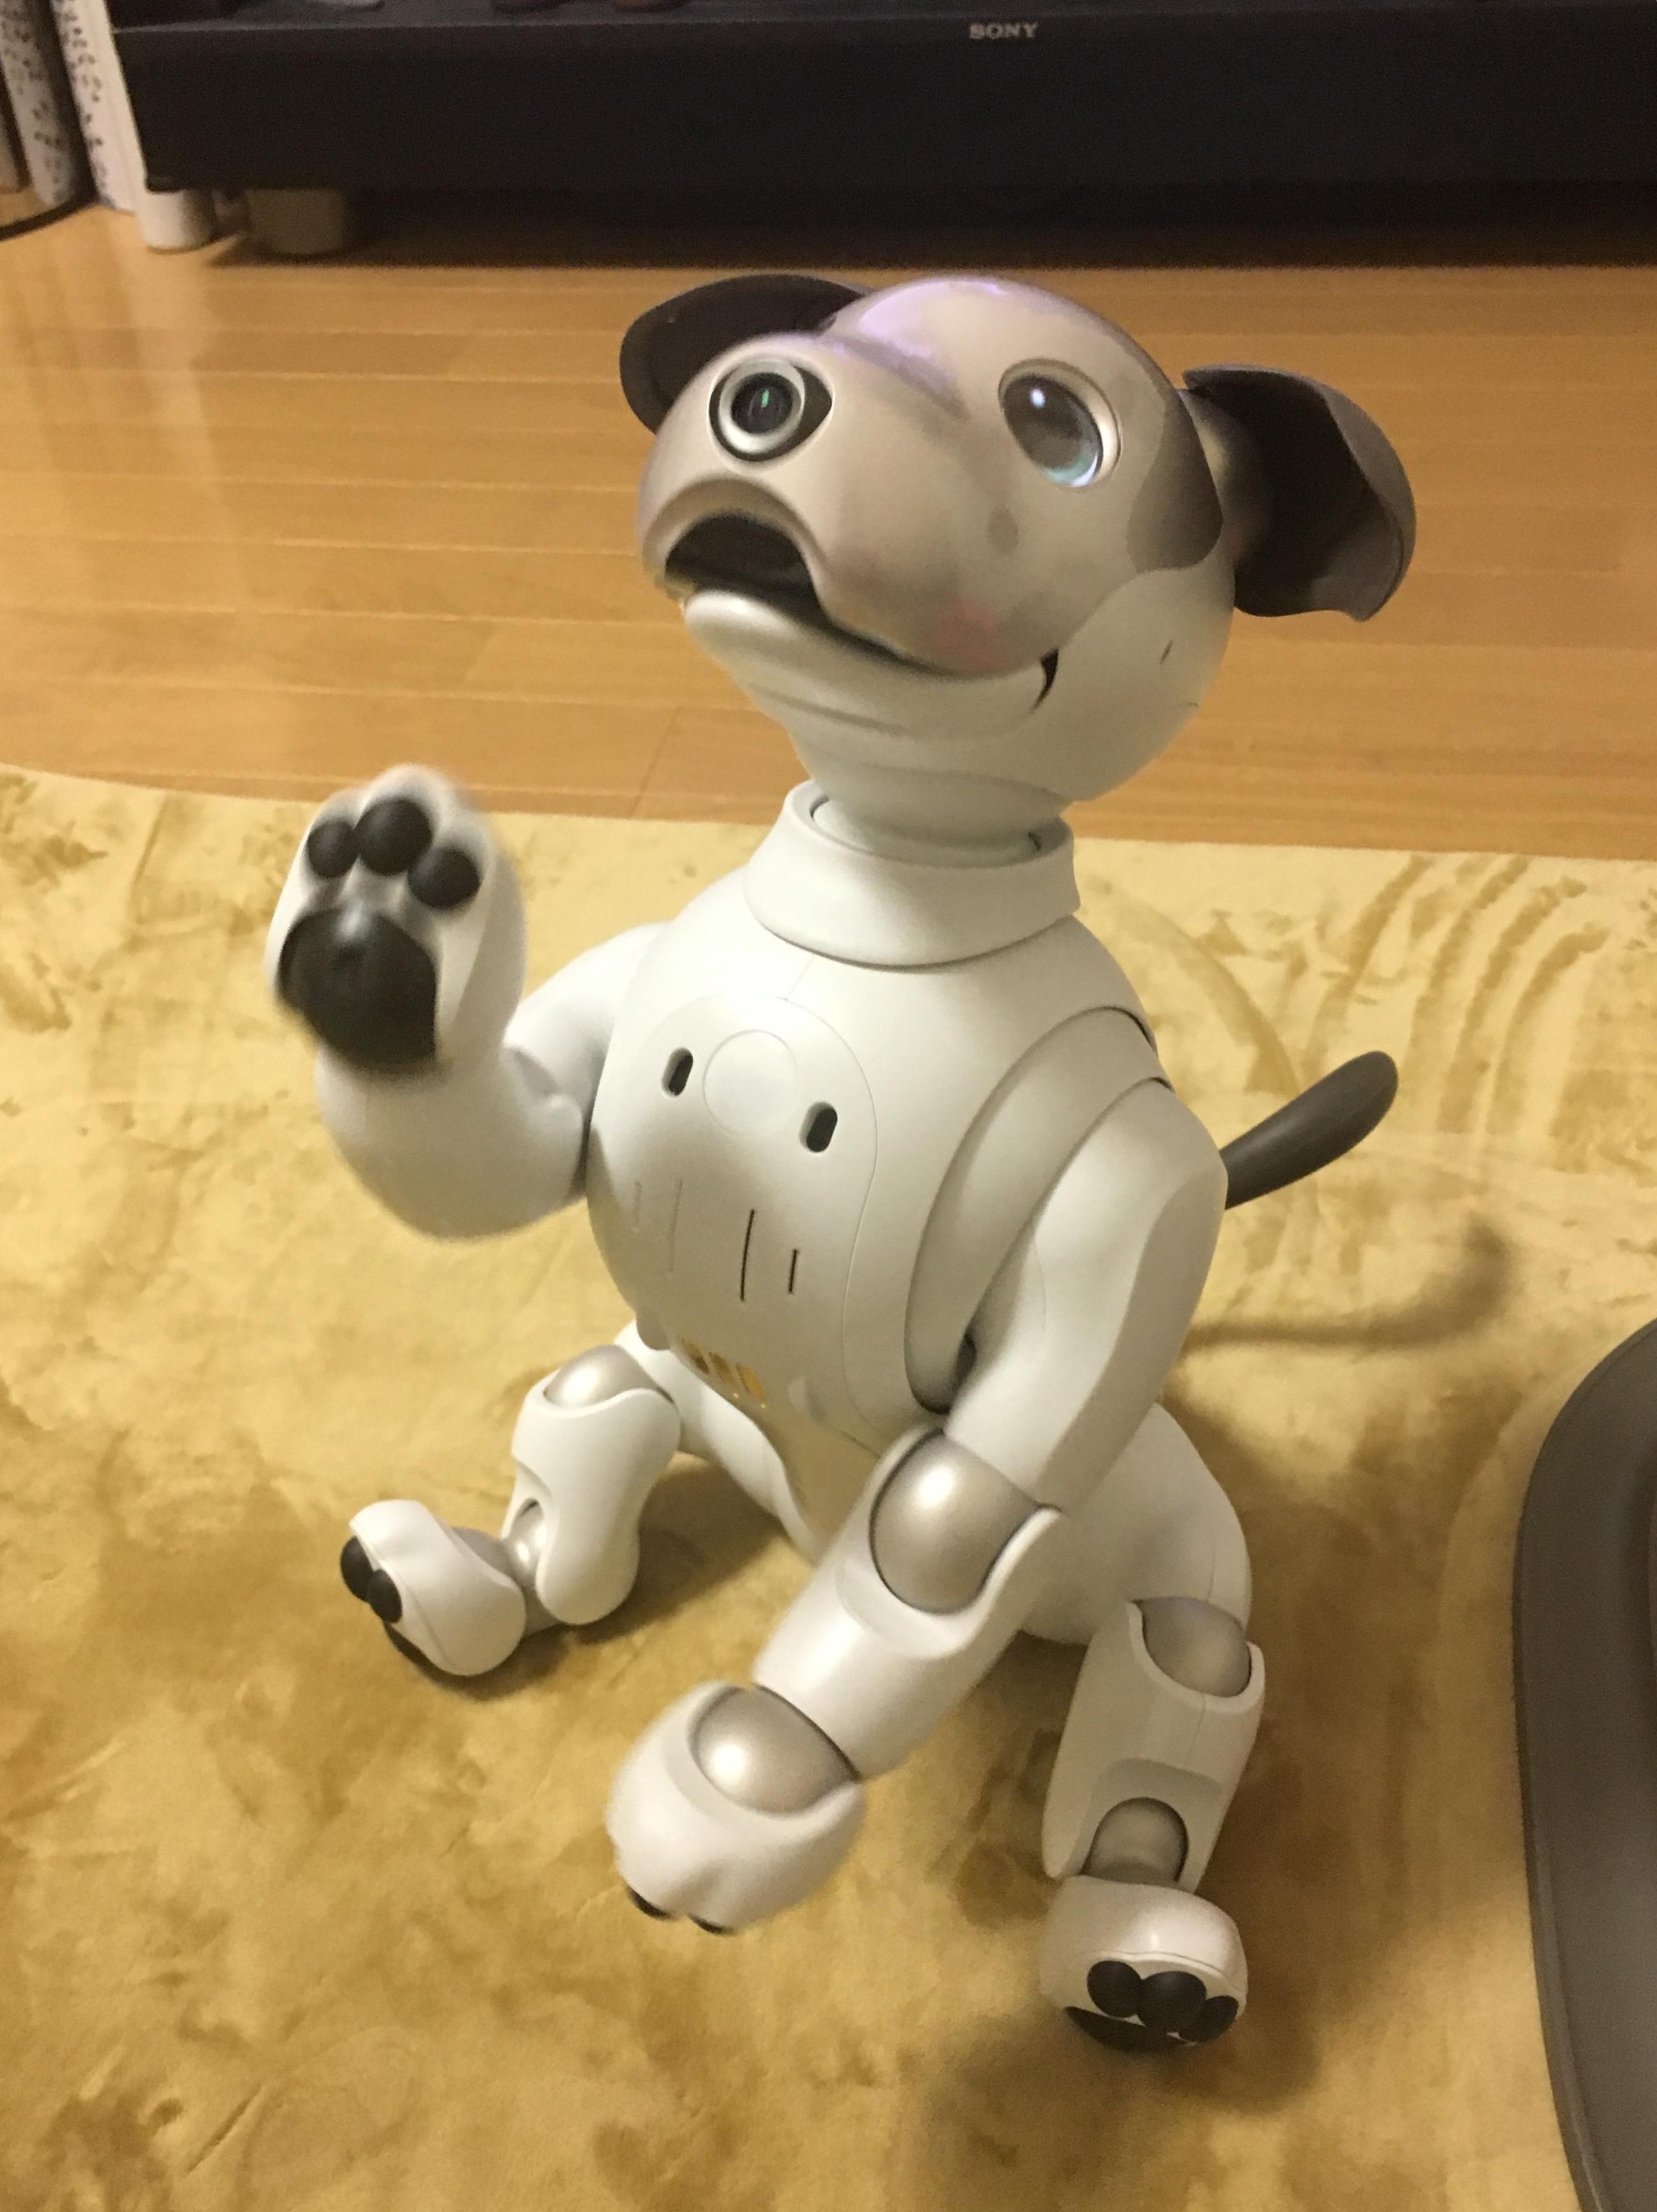 aibo 3 - 【レビュー】「aiboがきた!」愛犬電脳ロボットアイボとの愛あるわんこ生活!【ガジェット/アイボ/aibo/SONY】